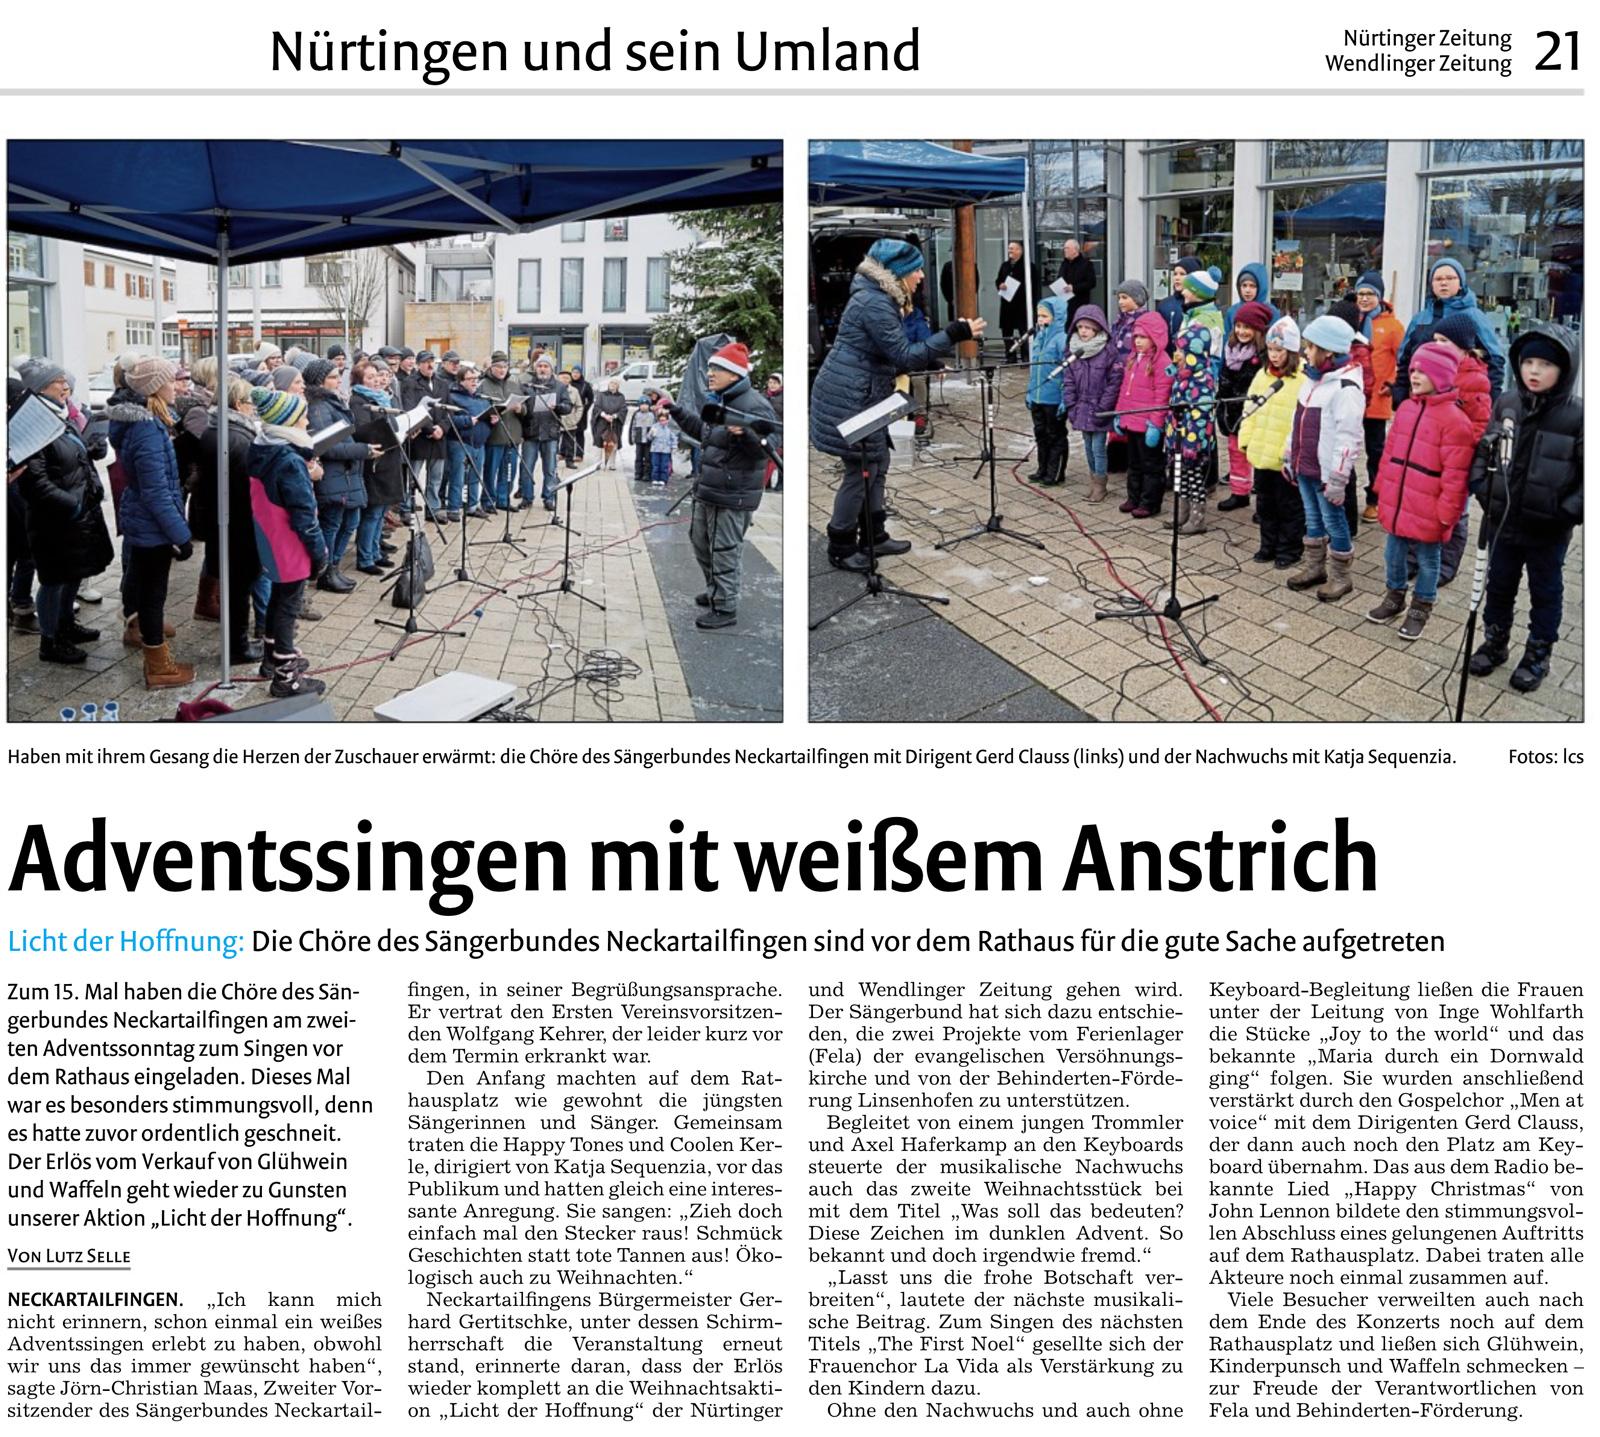 Bericht der Nürtinger Zeitung vom 12.12.2017 - Lutz Selle